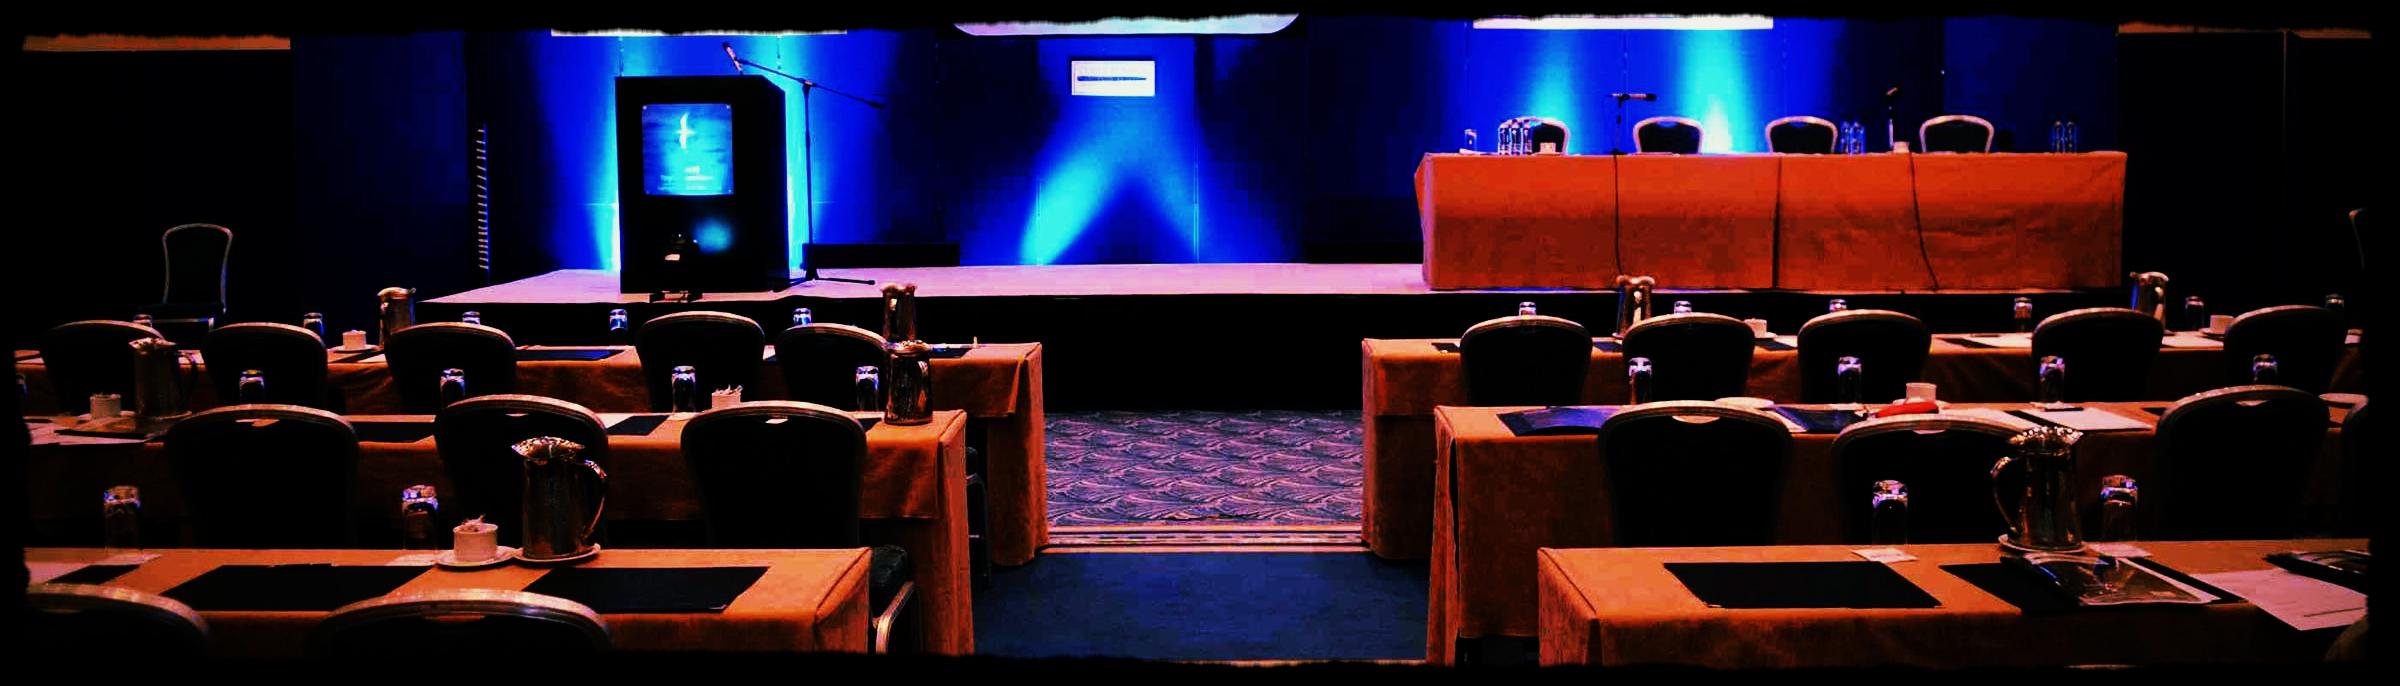 conferencemgmt.jpg